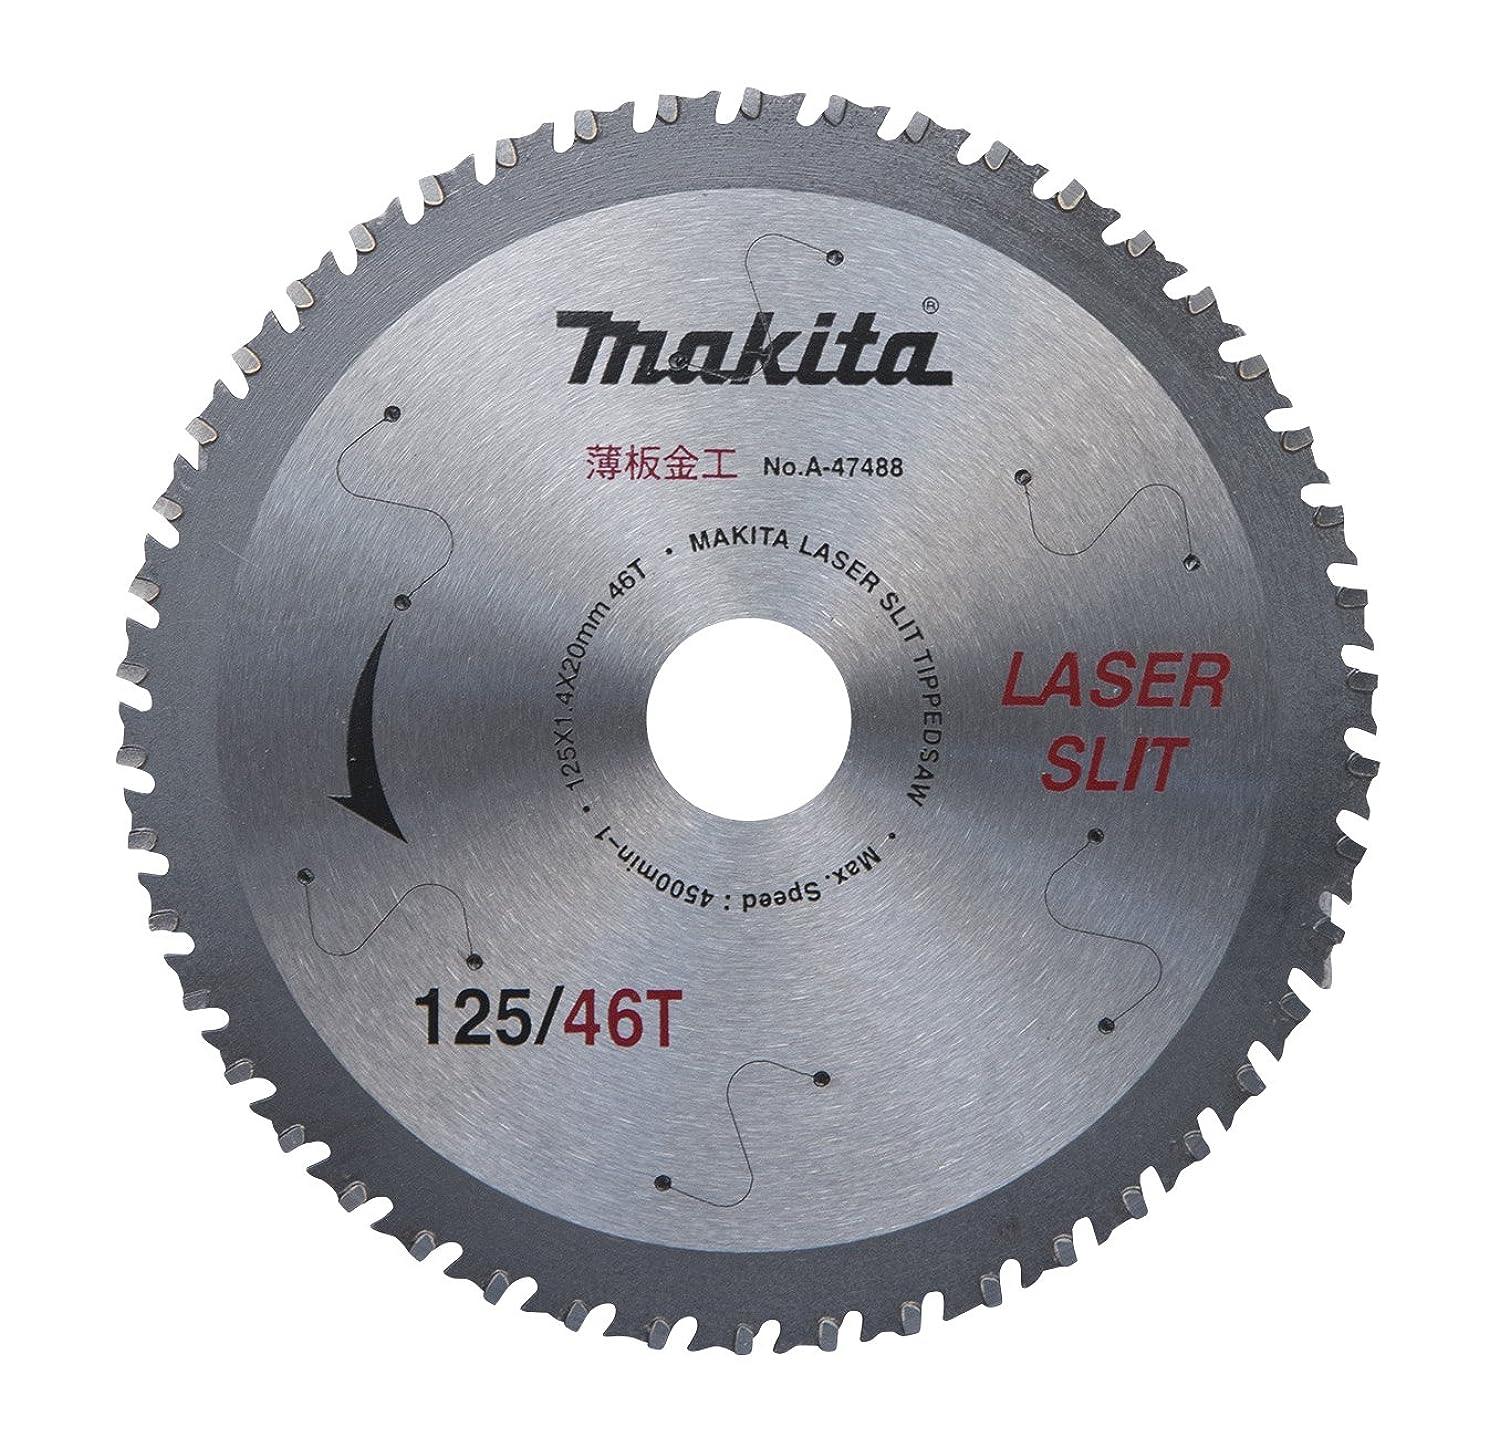 洗剤関与する大きいマキタ(Makita) 充電用薄板軟鋼材用チップソー125-46T A-47488